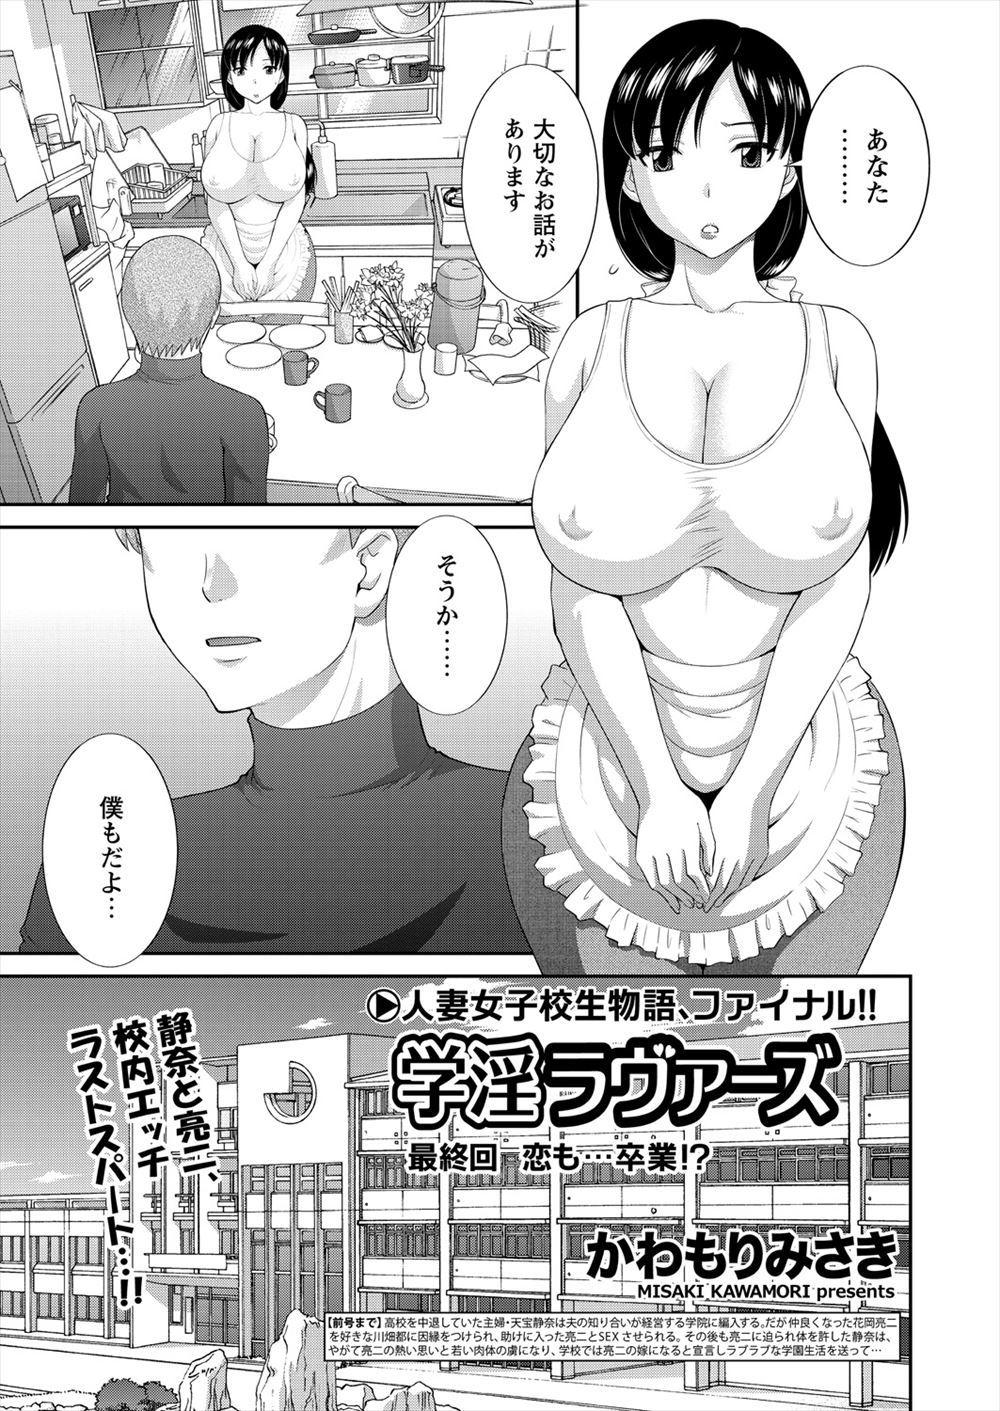 [かわもりみさき] 学淫ラヴァーズ 最終回 (1)